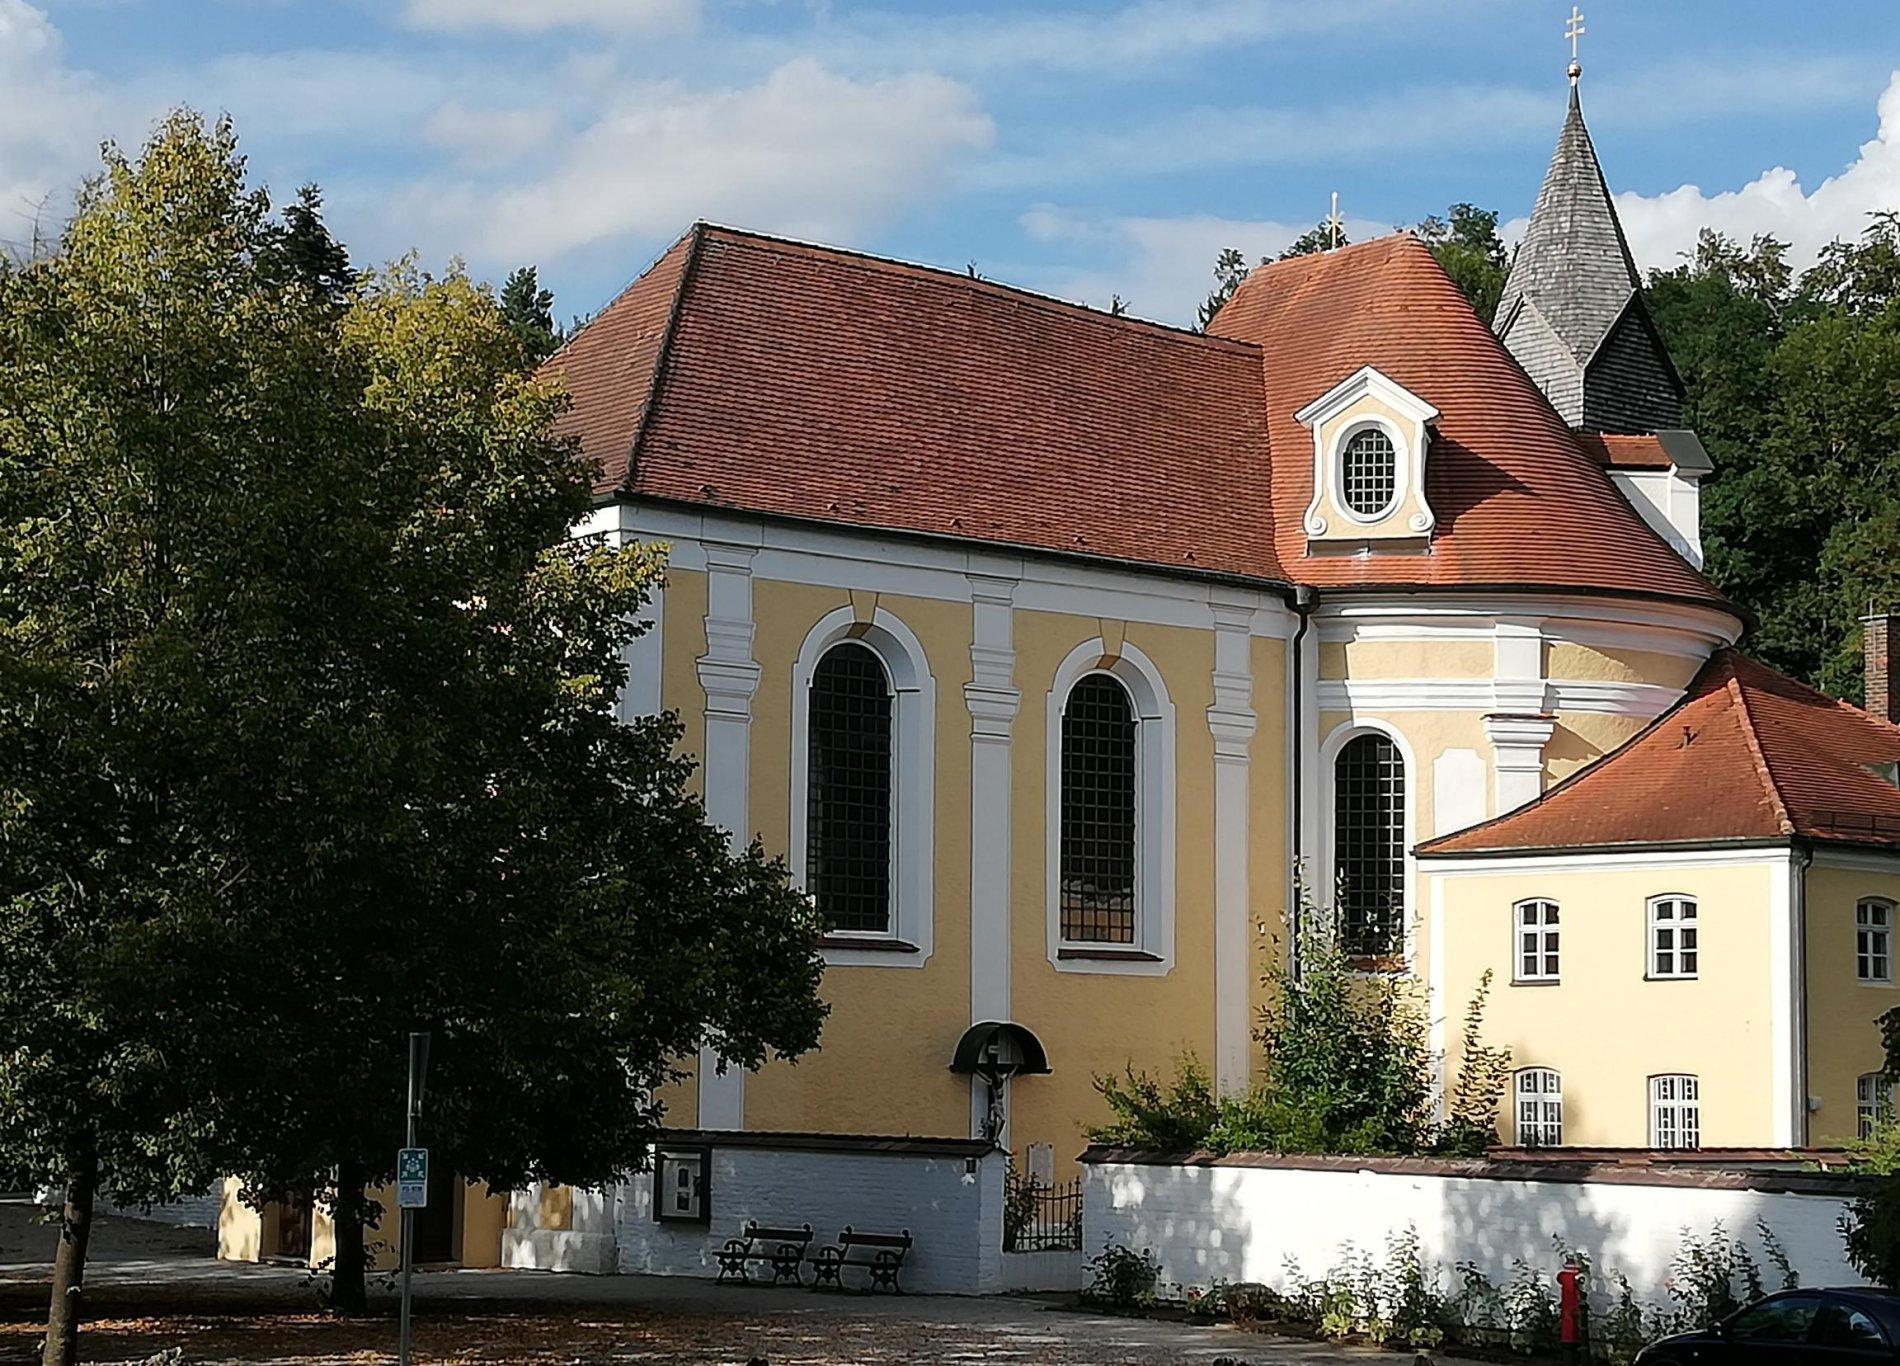 Blick auf die Wieskirche in Freising